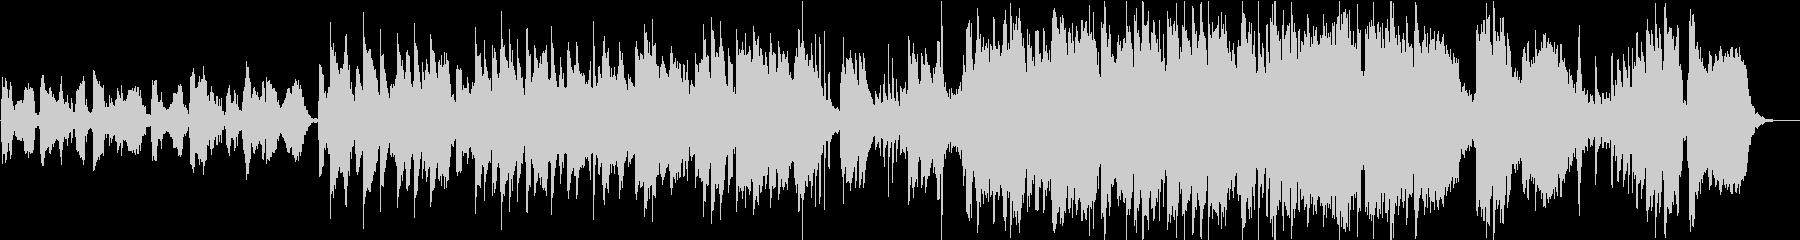 尺八による抒情的な日本音楽 Mix-Bの未再生の波形